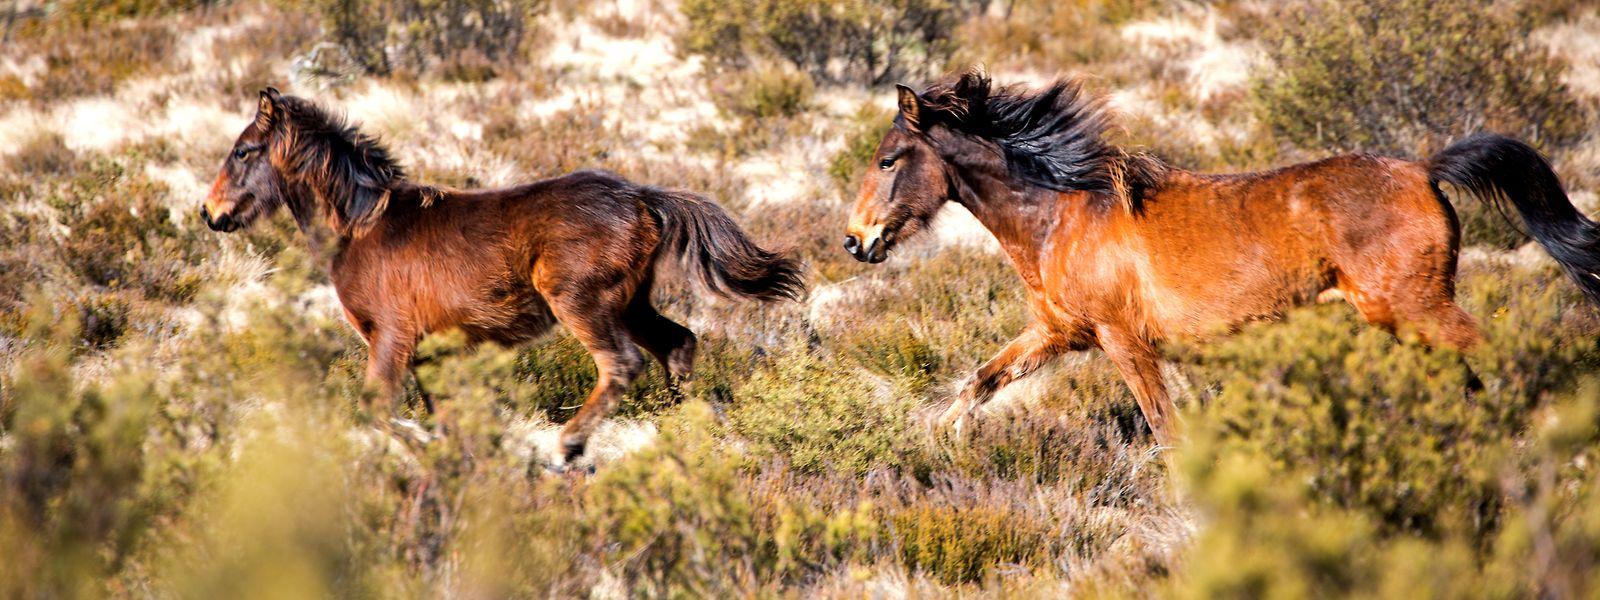 Die Zahl der wilden Pferde – genannt Brumbys – wird in Australien auf circa 25.000 geschätzt.